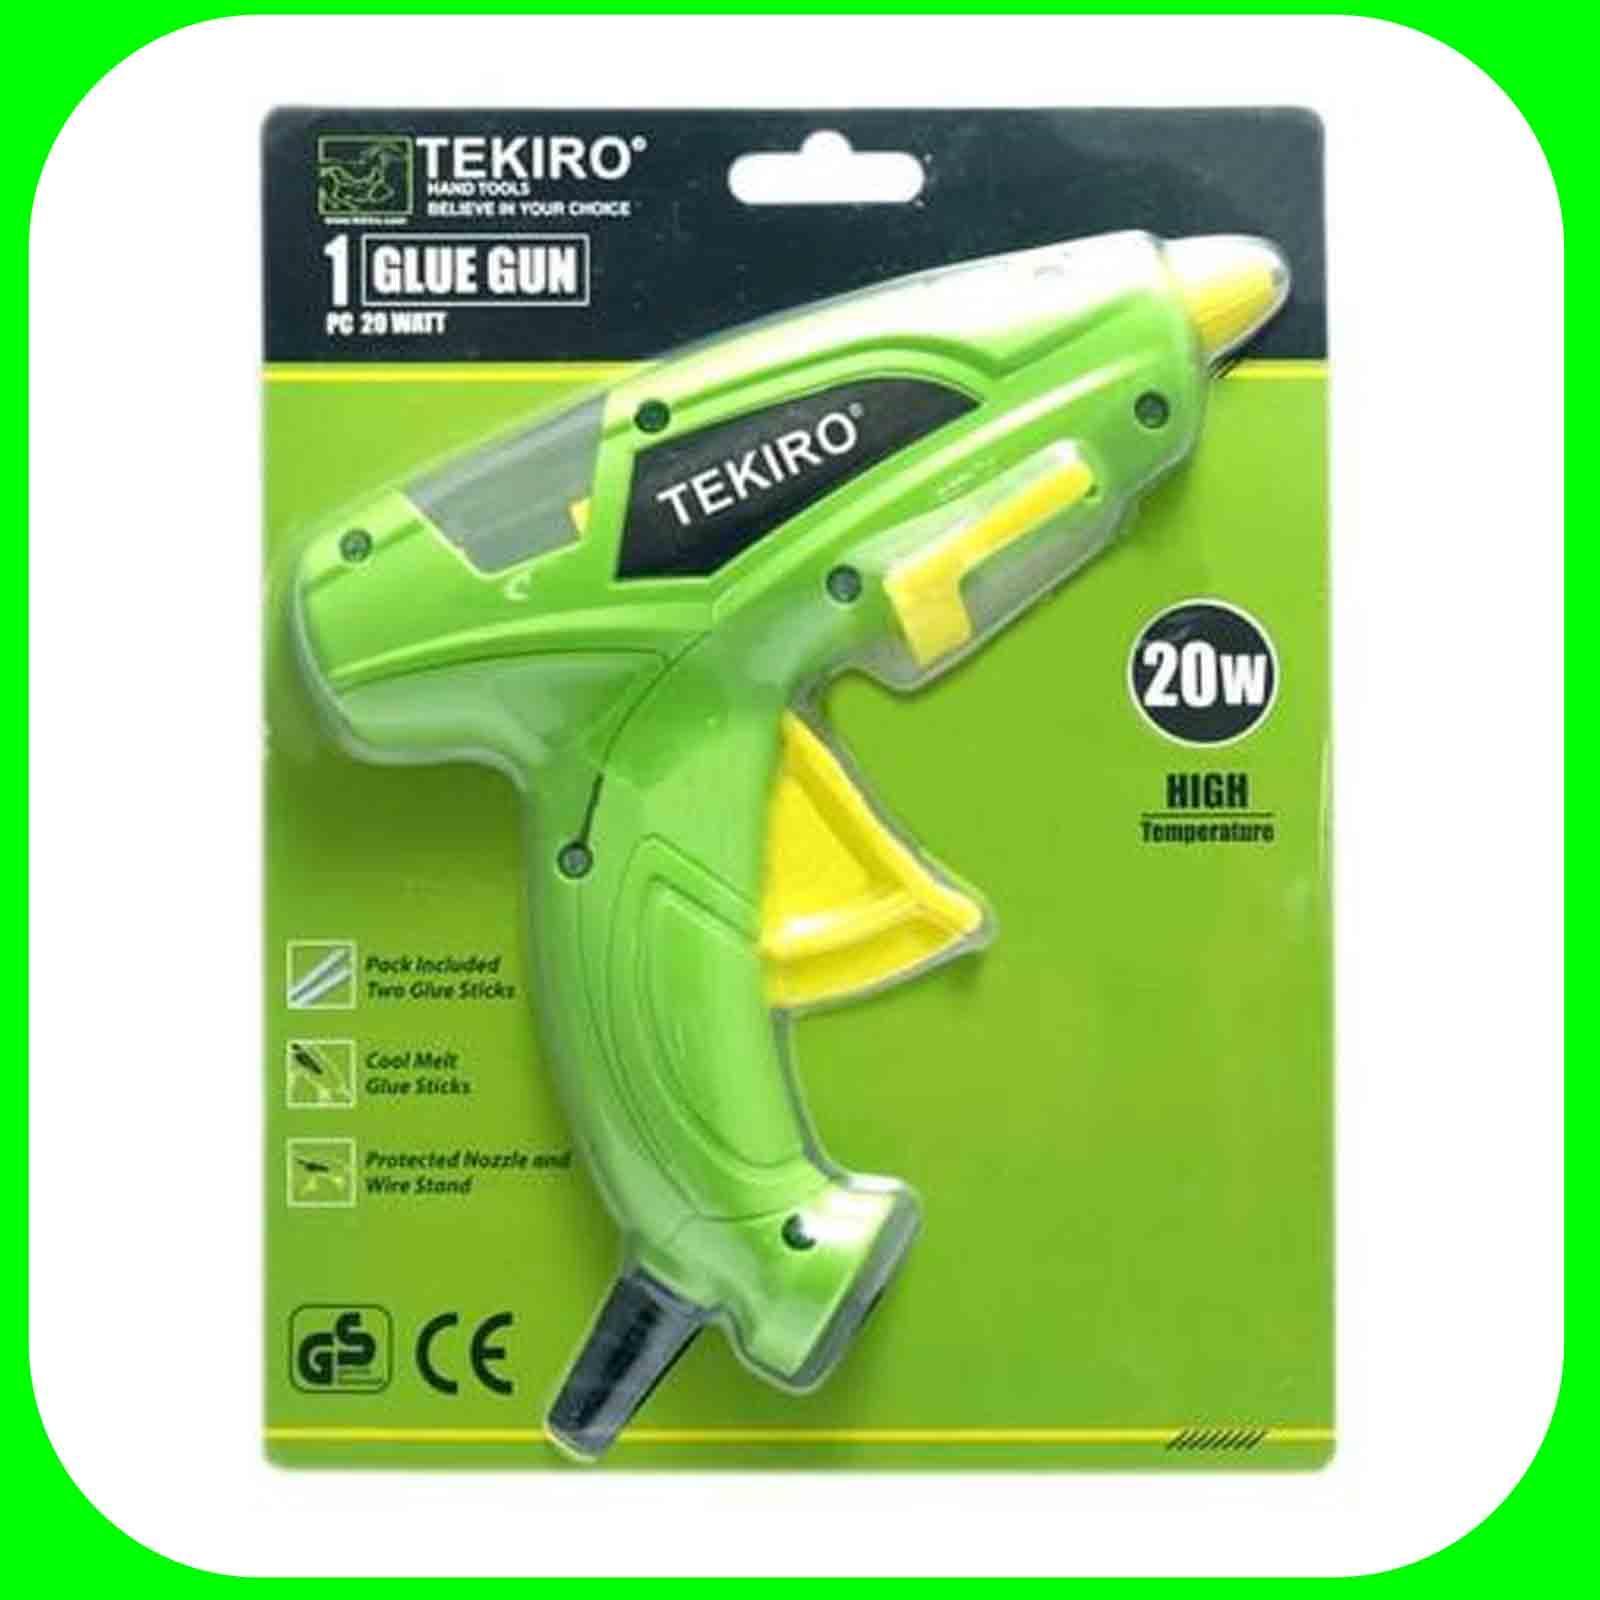 glue gun/alat lem tembak bakar/pistol lem 20 watt  tekiro gt-gg1723